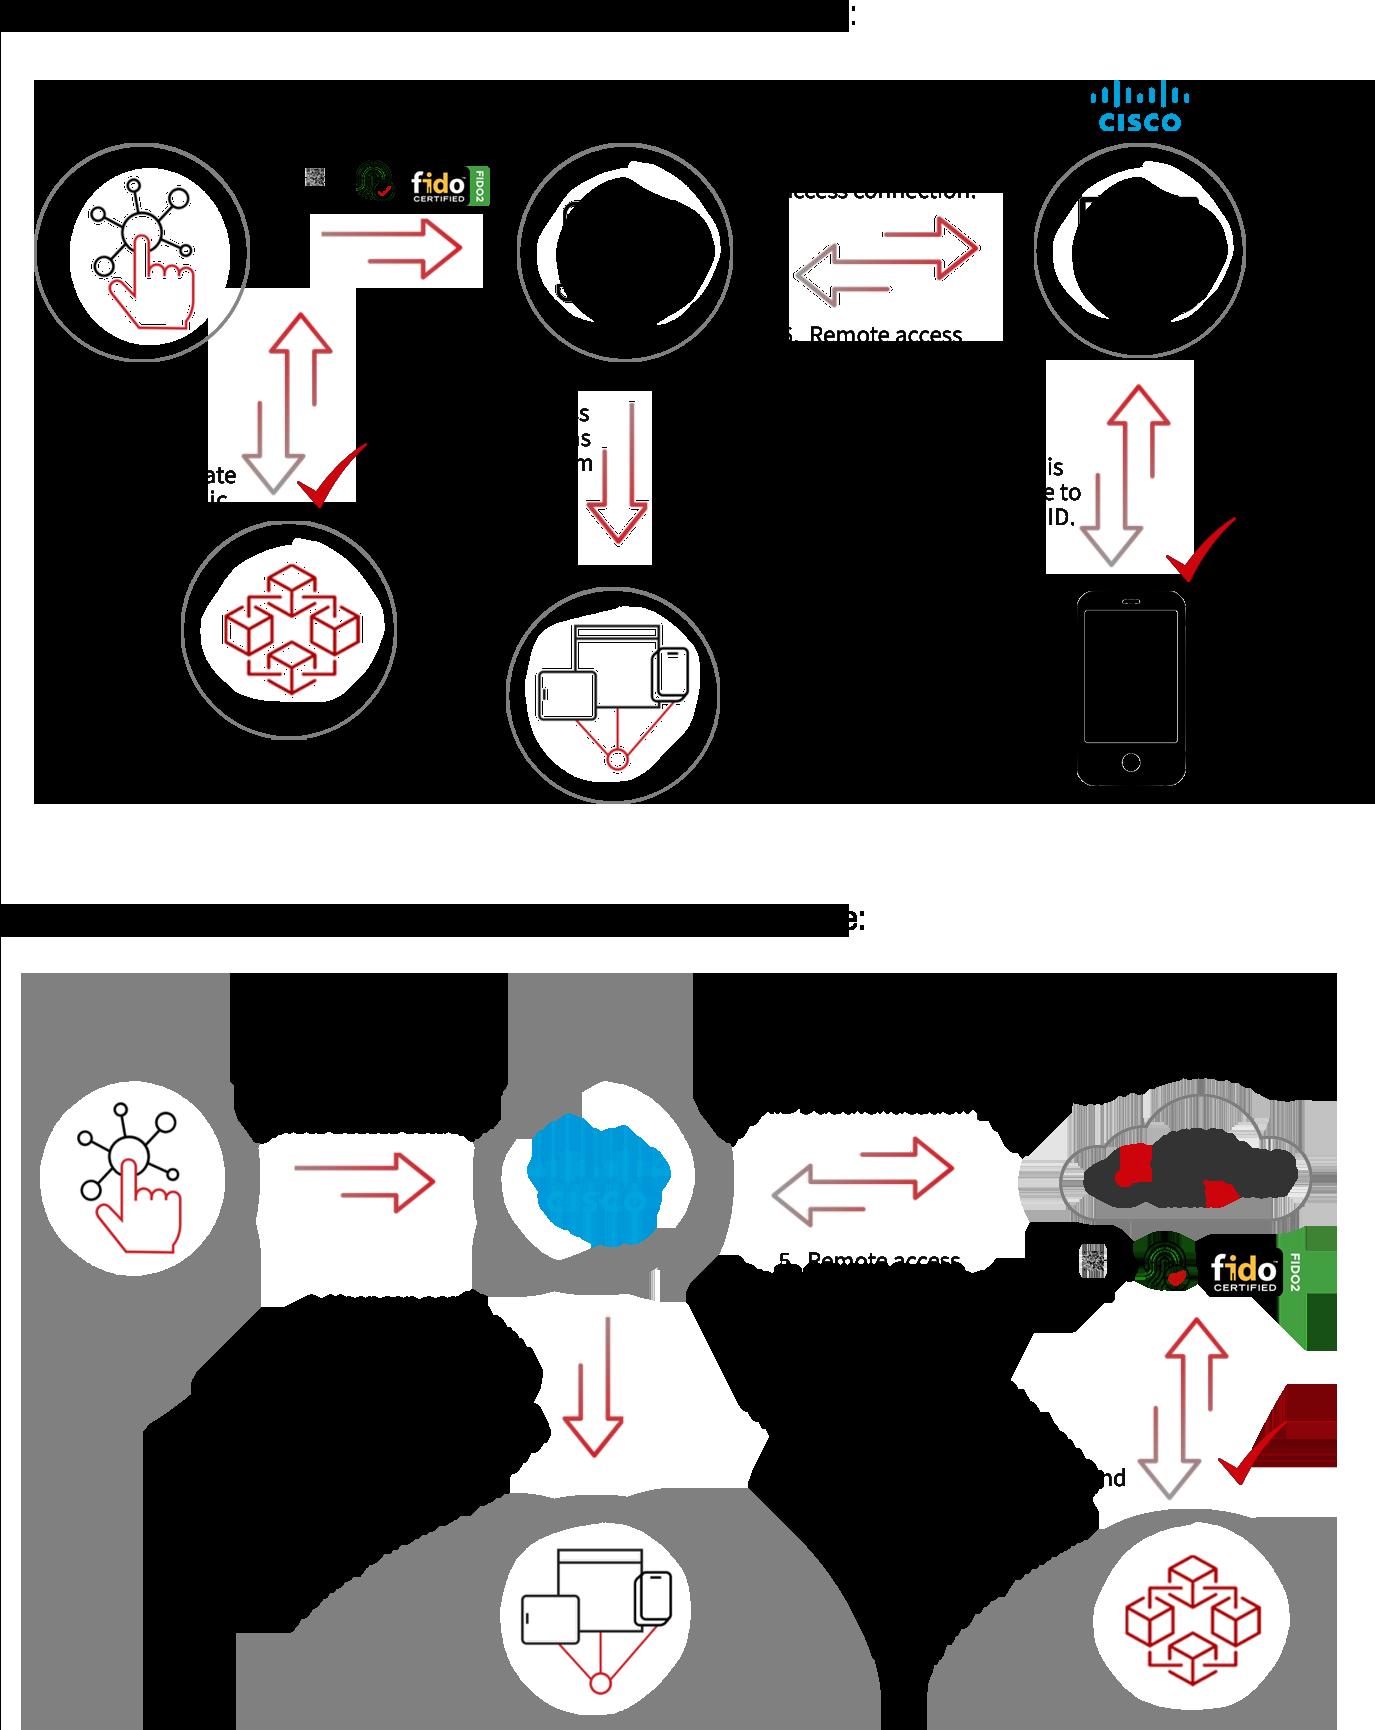 Cisco Diagram scenario 1 and 2